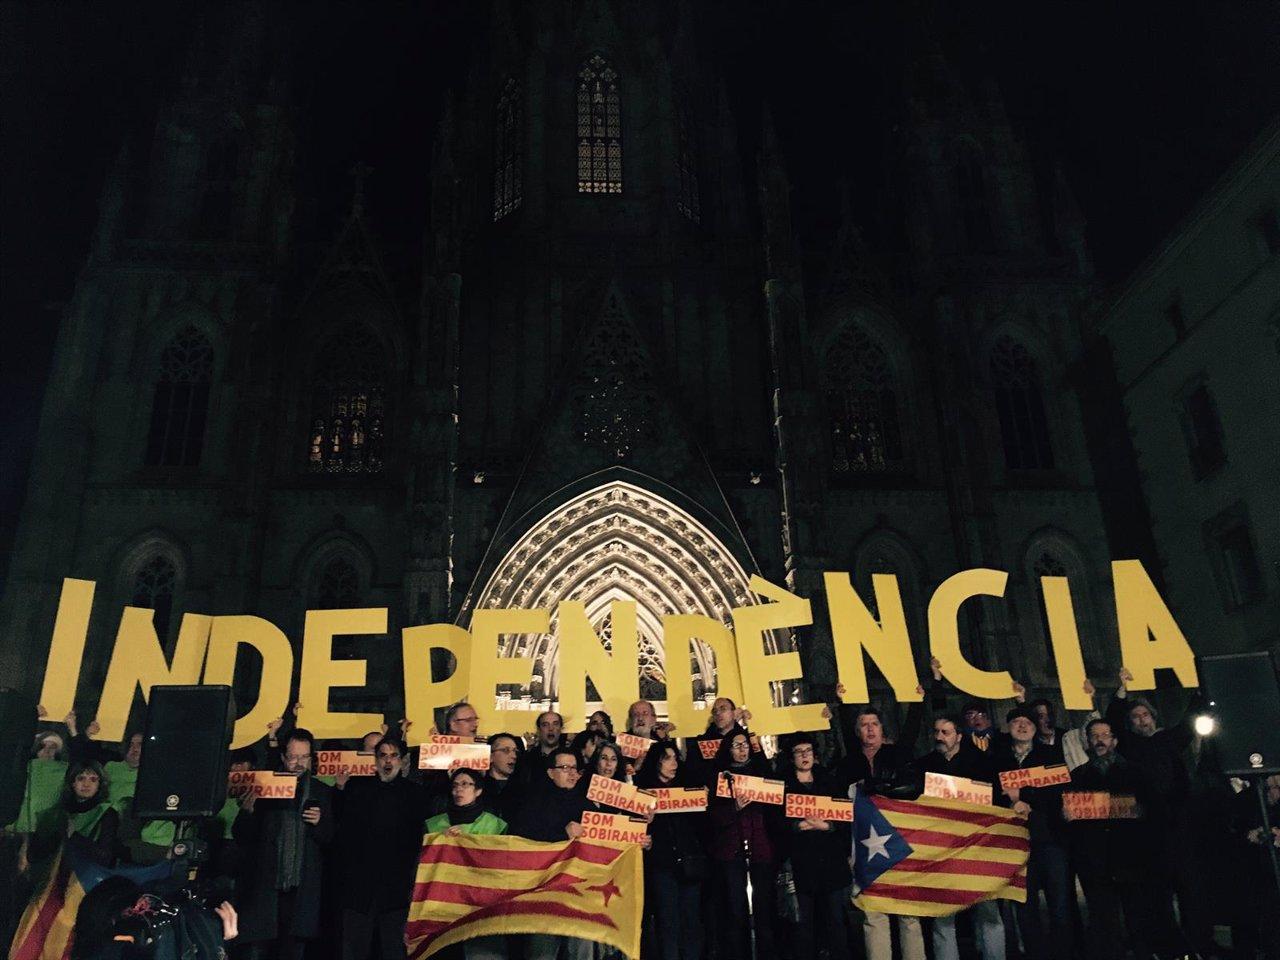 Convocatoria de la ANC en la plaza de la Catedral de Barcelona